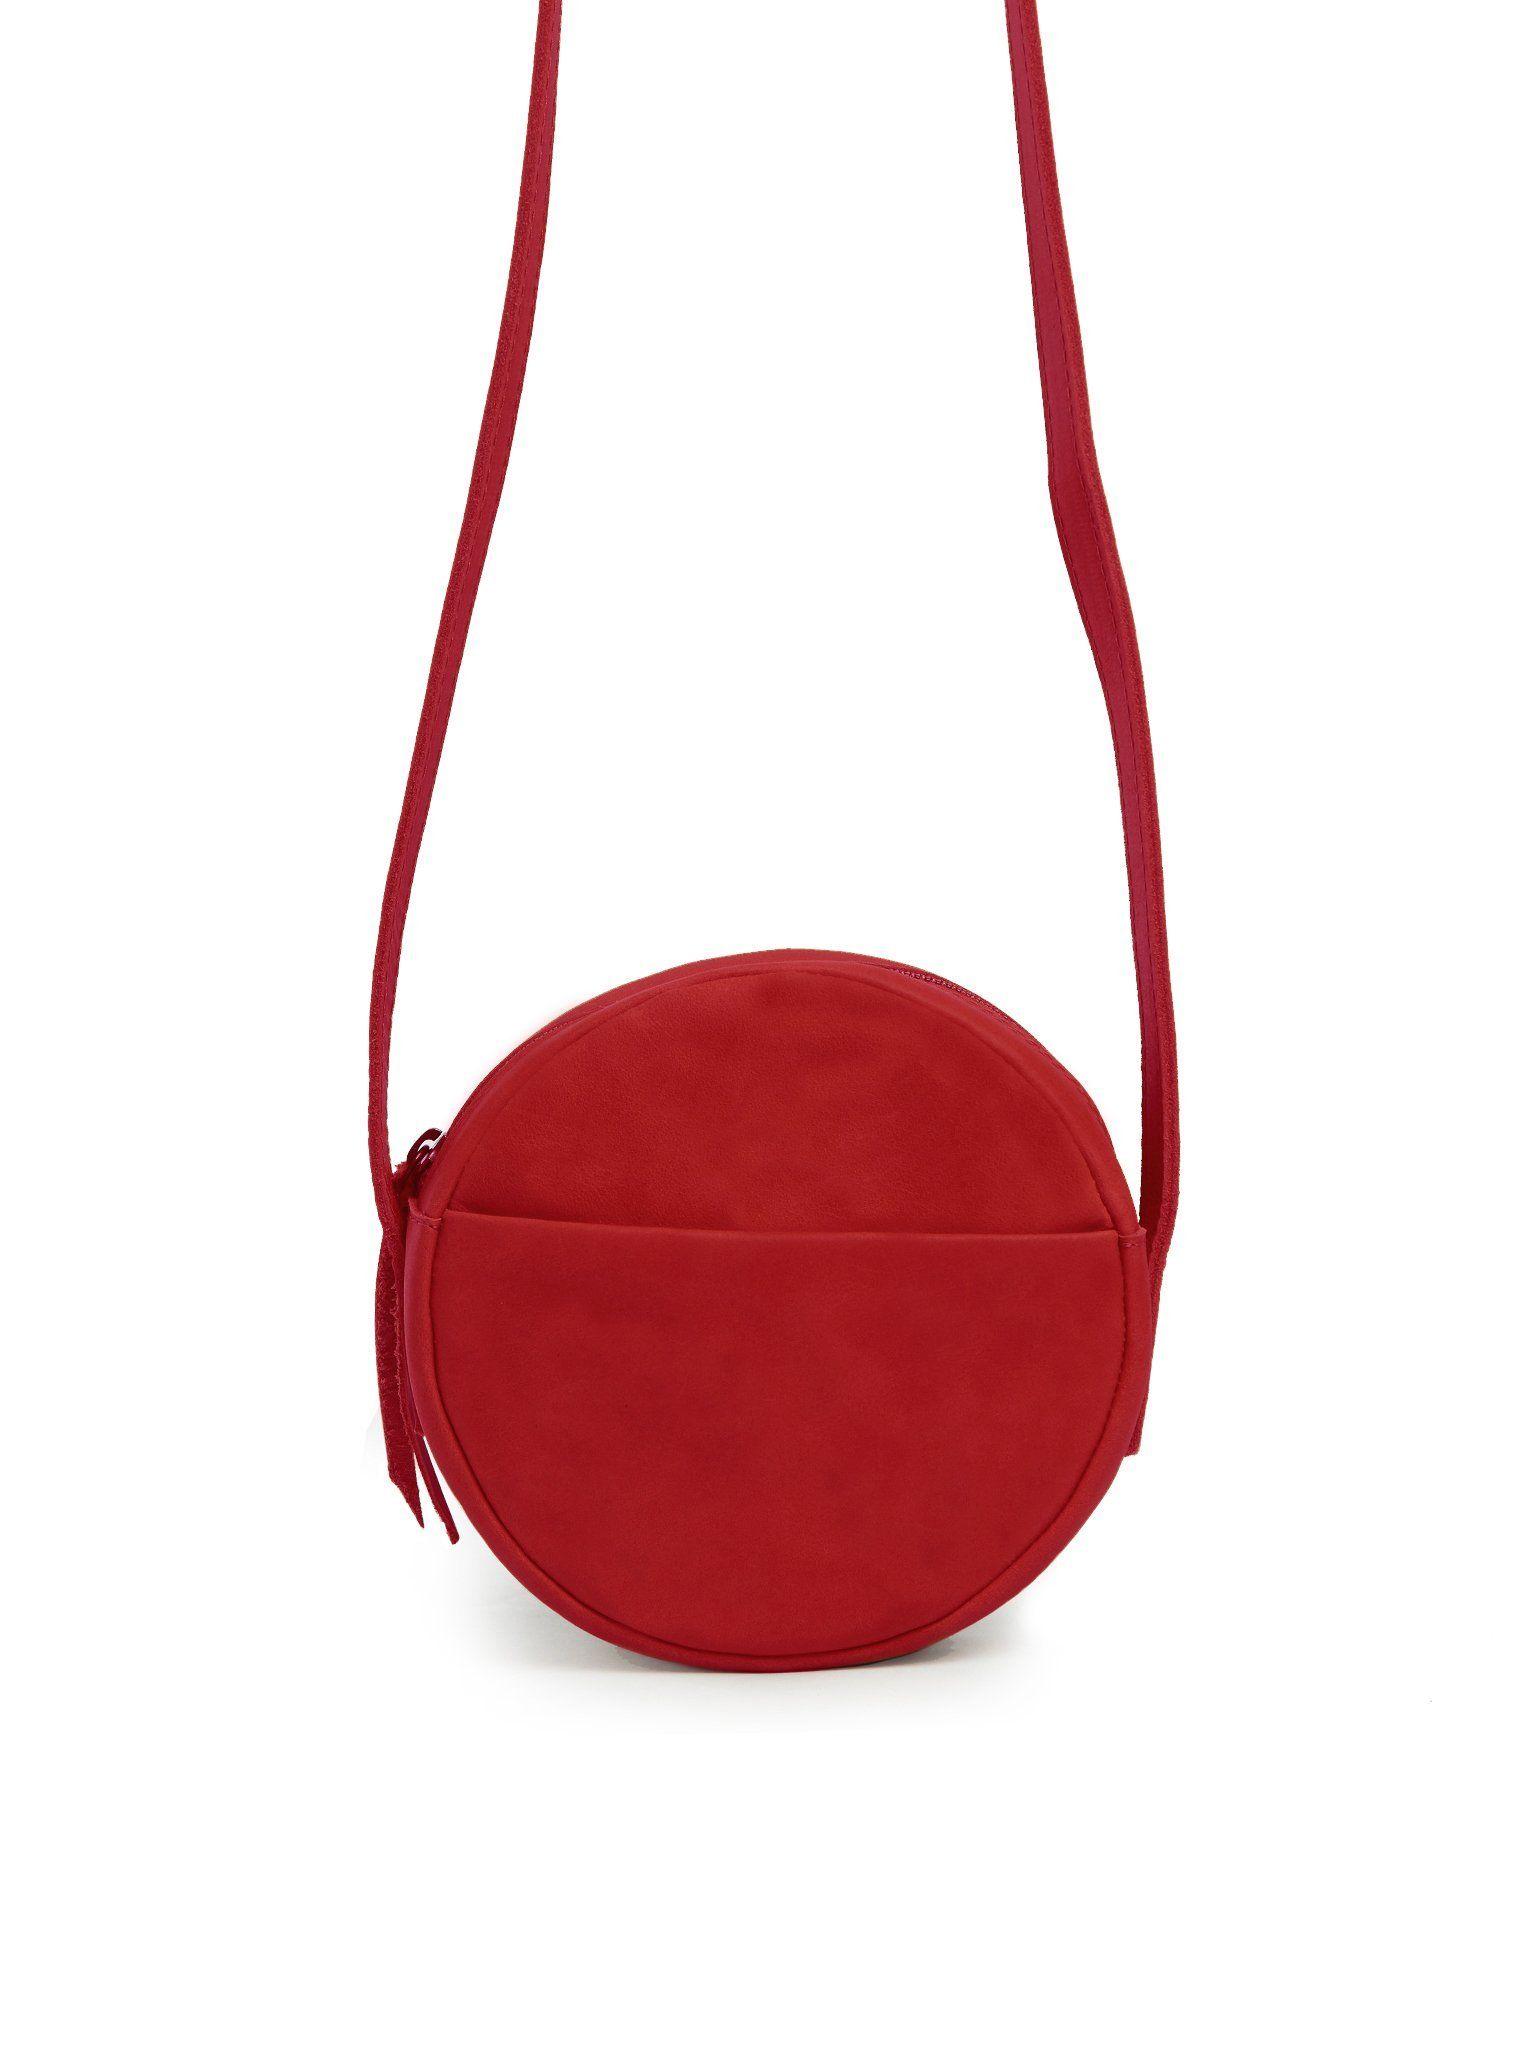 8da9a0c9 Mirella Circle Bag   Ethical/Sustainable Fashion 2018   Bags, Bag ...